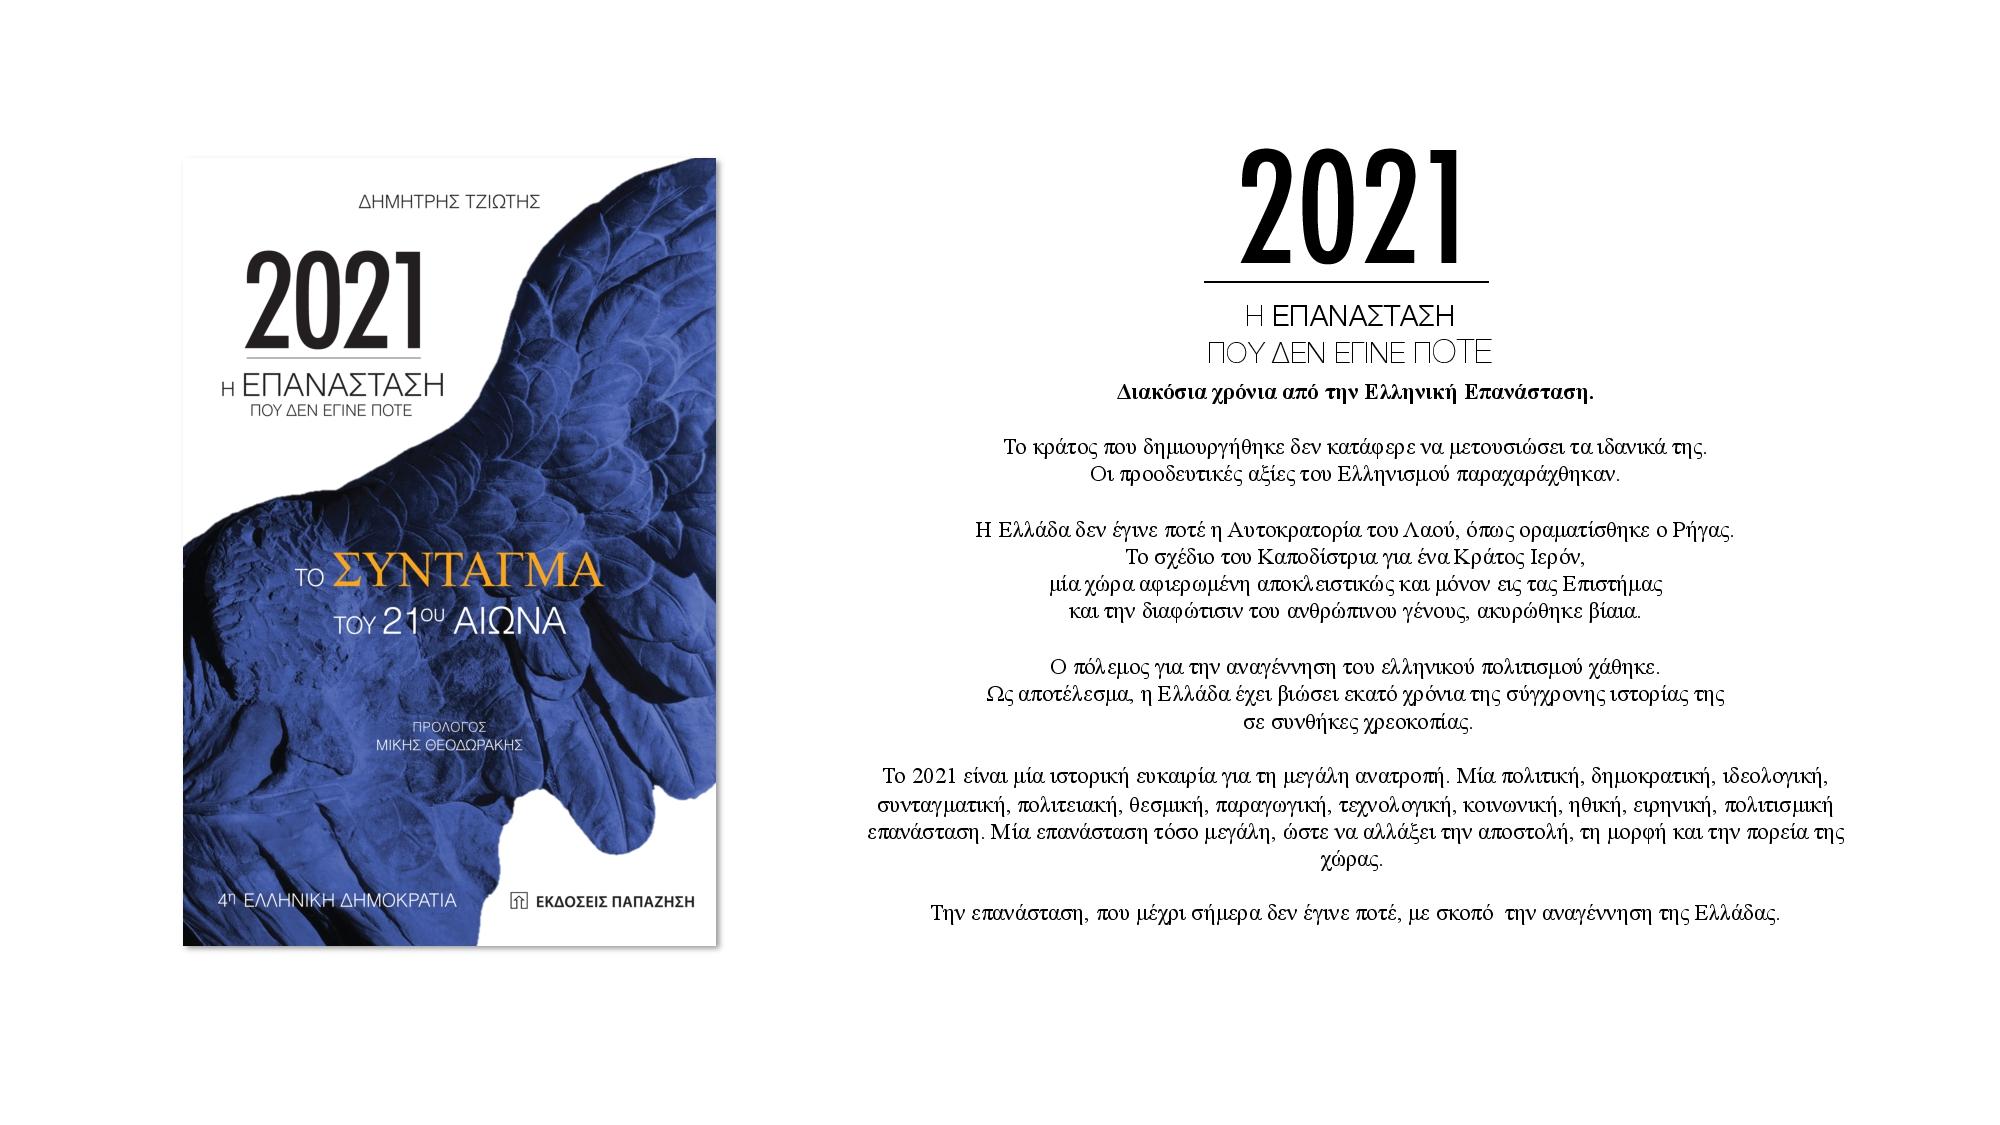 2021 βιβλίο